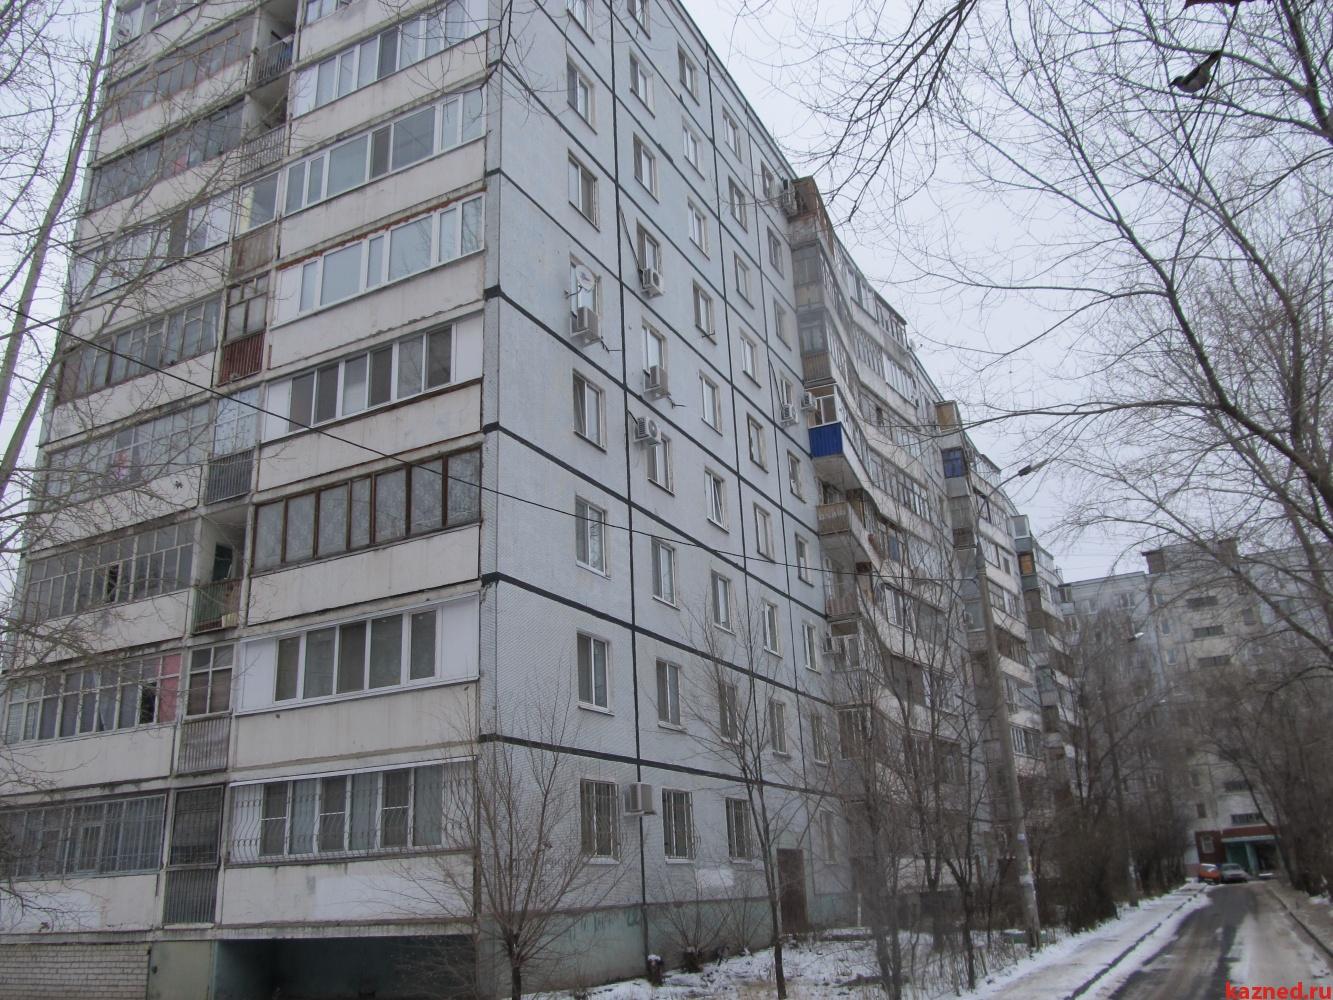 Продажа 3-к квартиры Адоратского, 38, 67 м²  (миниатюра №1)